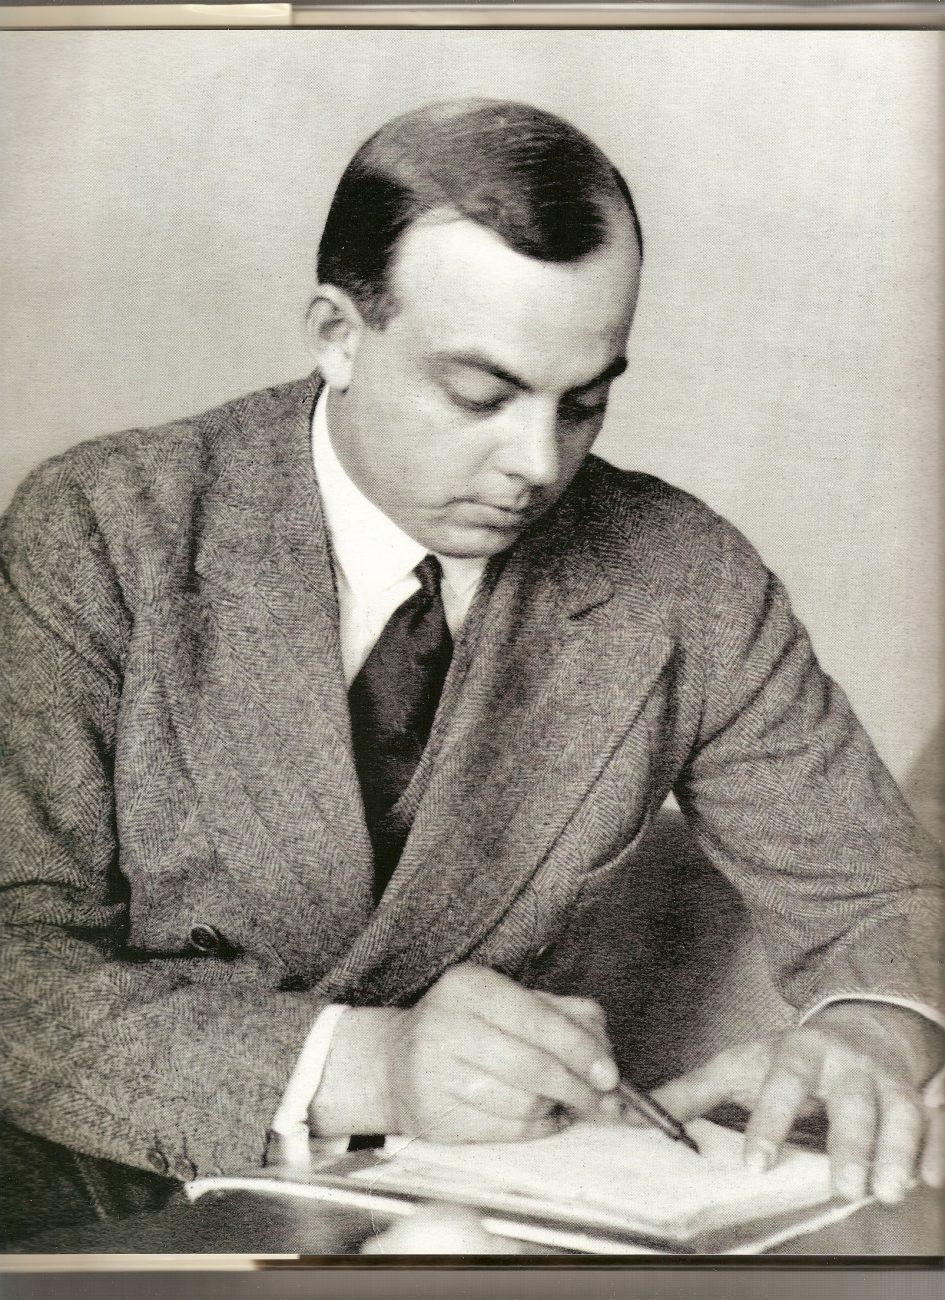 Antoine de Saint-Exupéry, o piloto que se tornou escritor de uma das obras mais famosas do mundo: O Pequeno Príncipe - Acervo Amab/ Divulgação